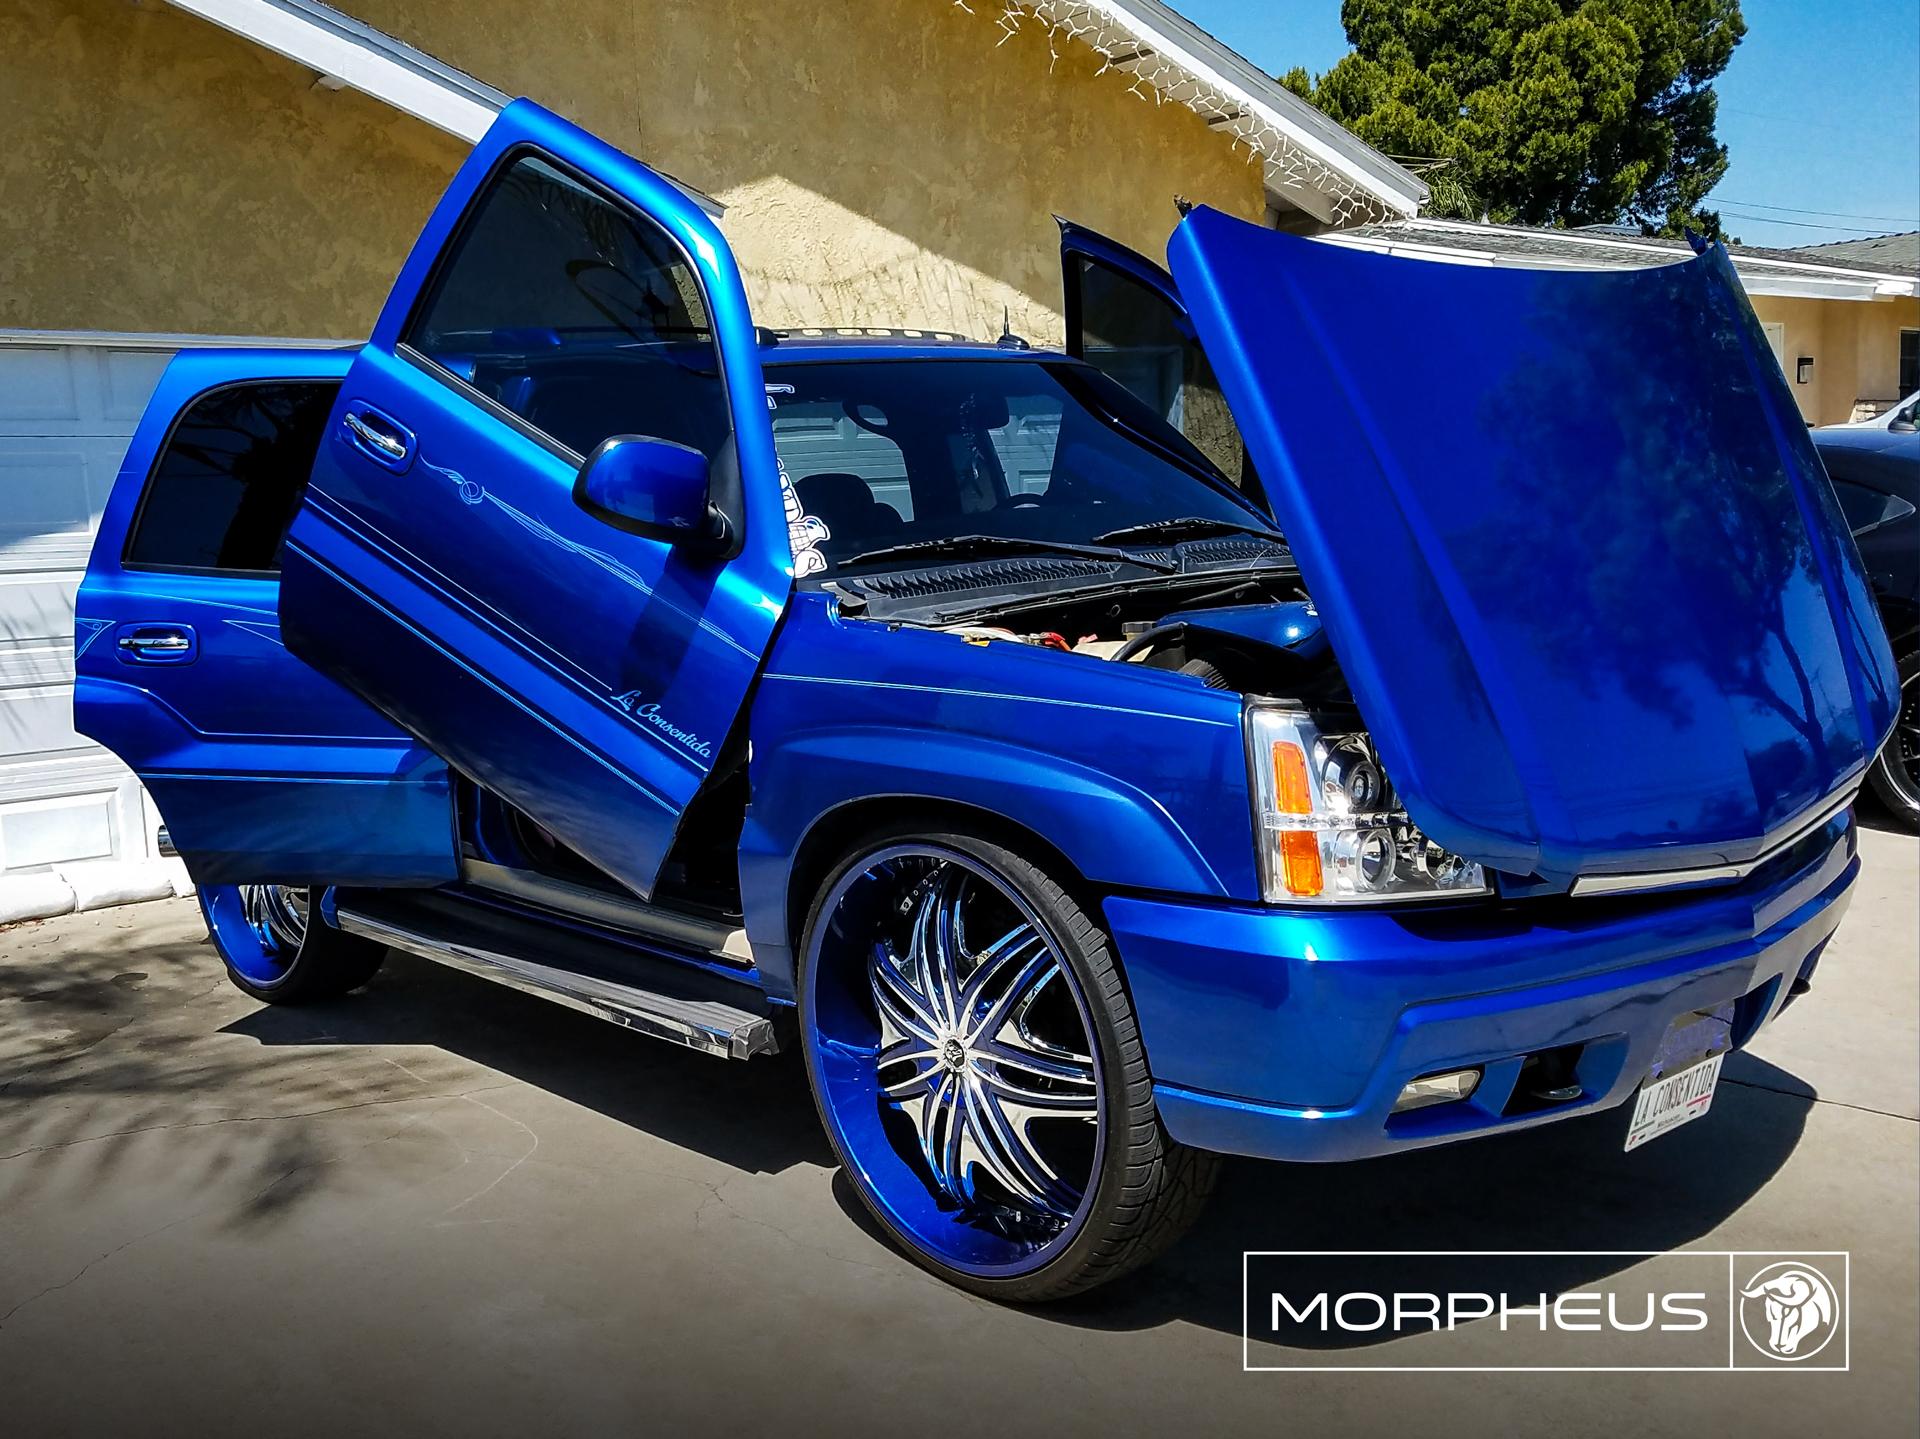 Morpheus Diablo Wheels Cadillac Escalade Blue